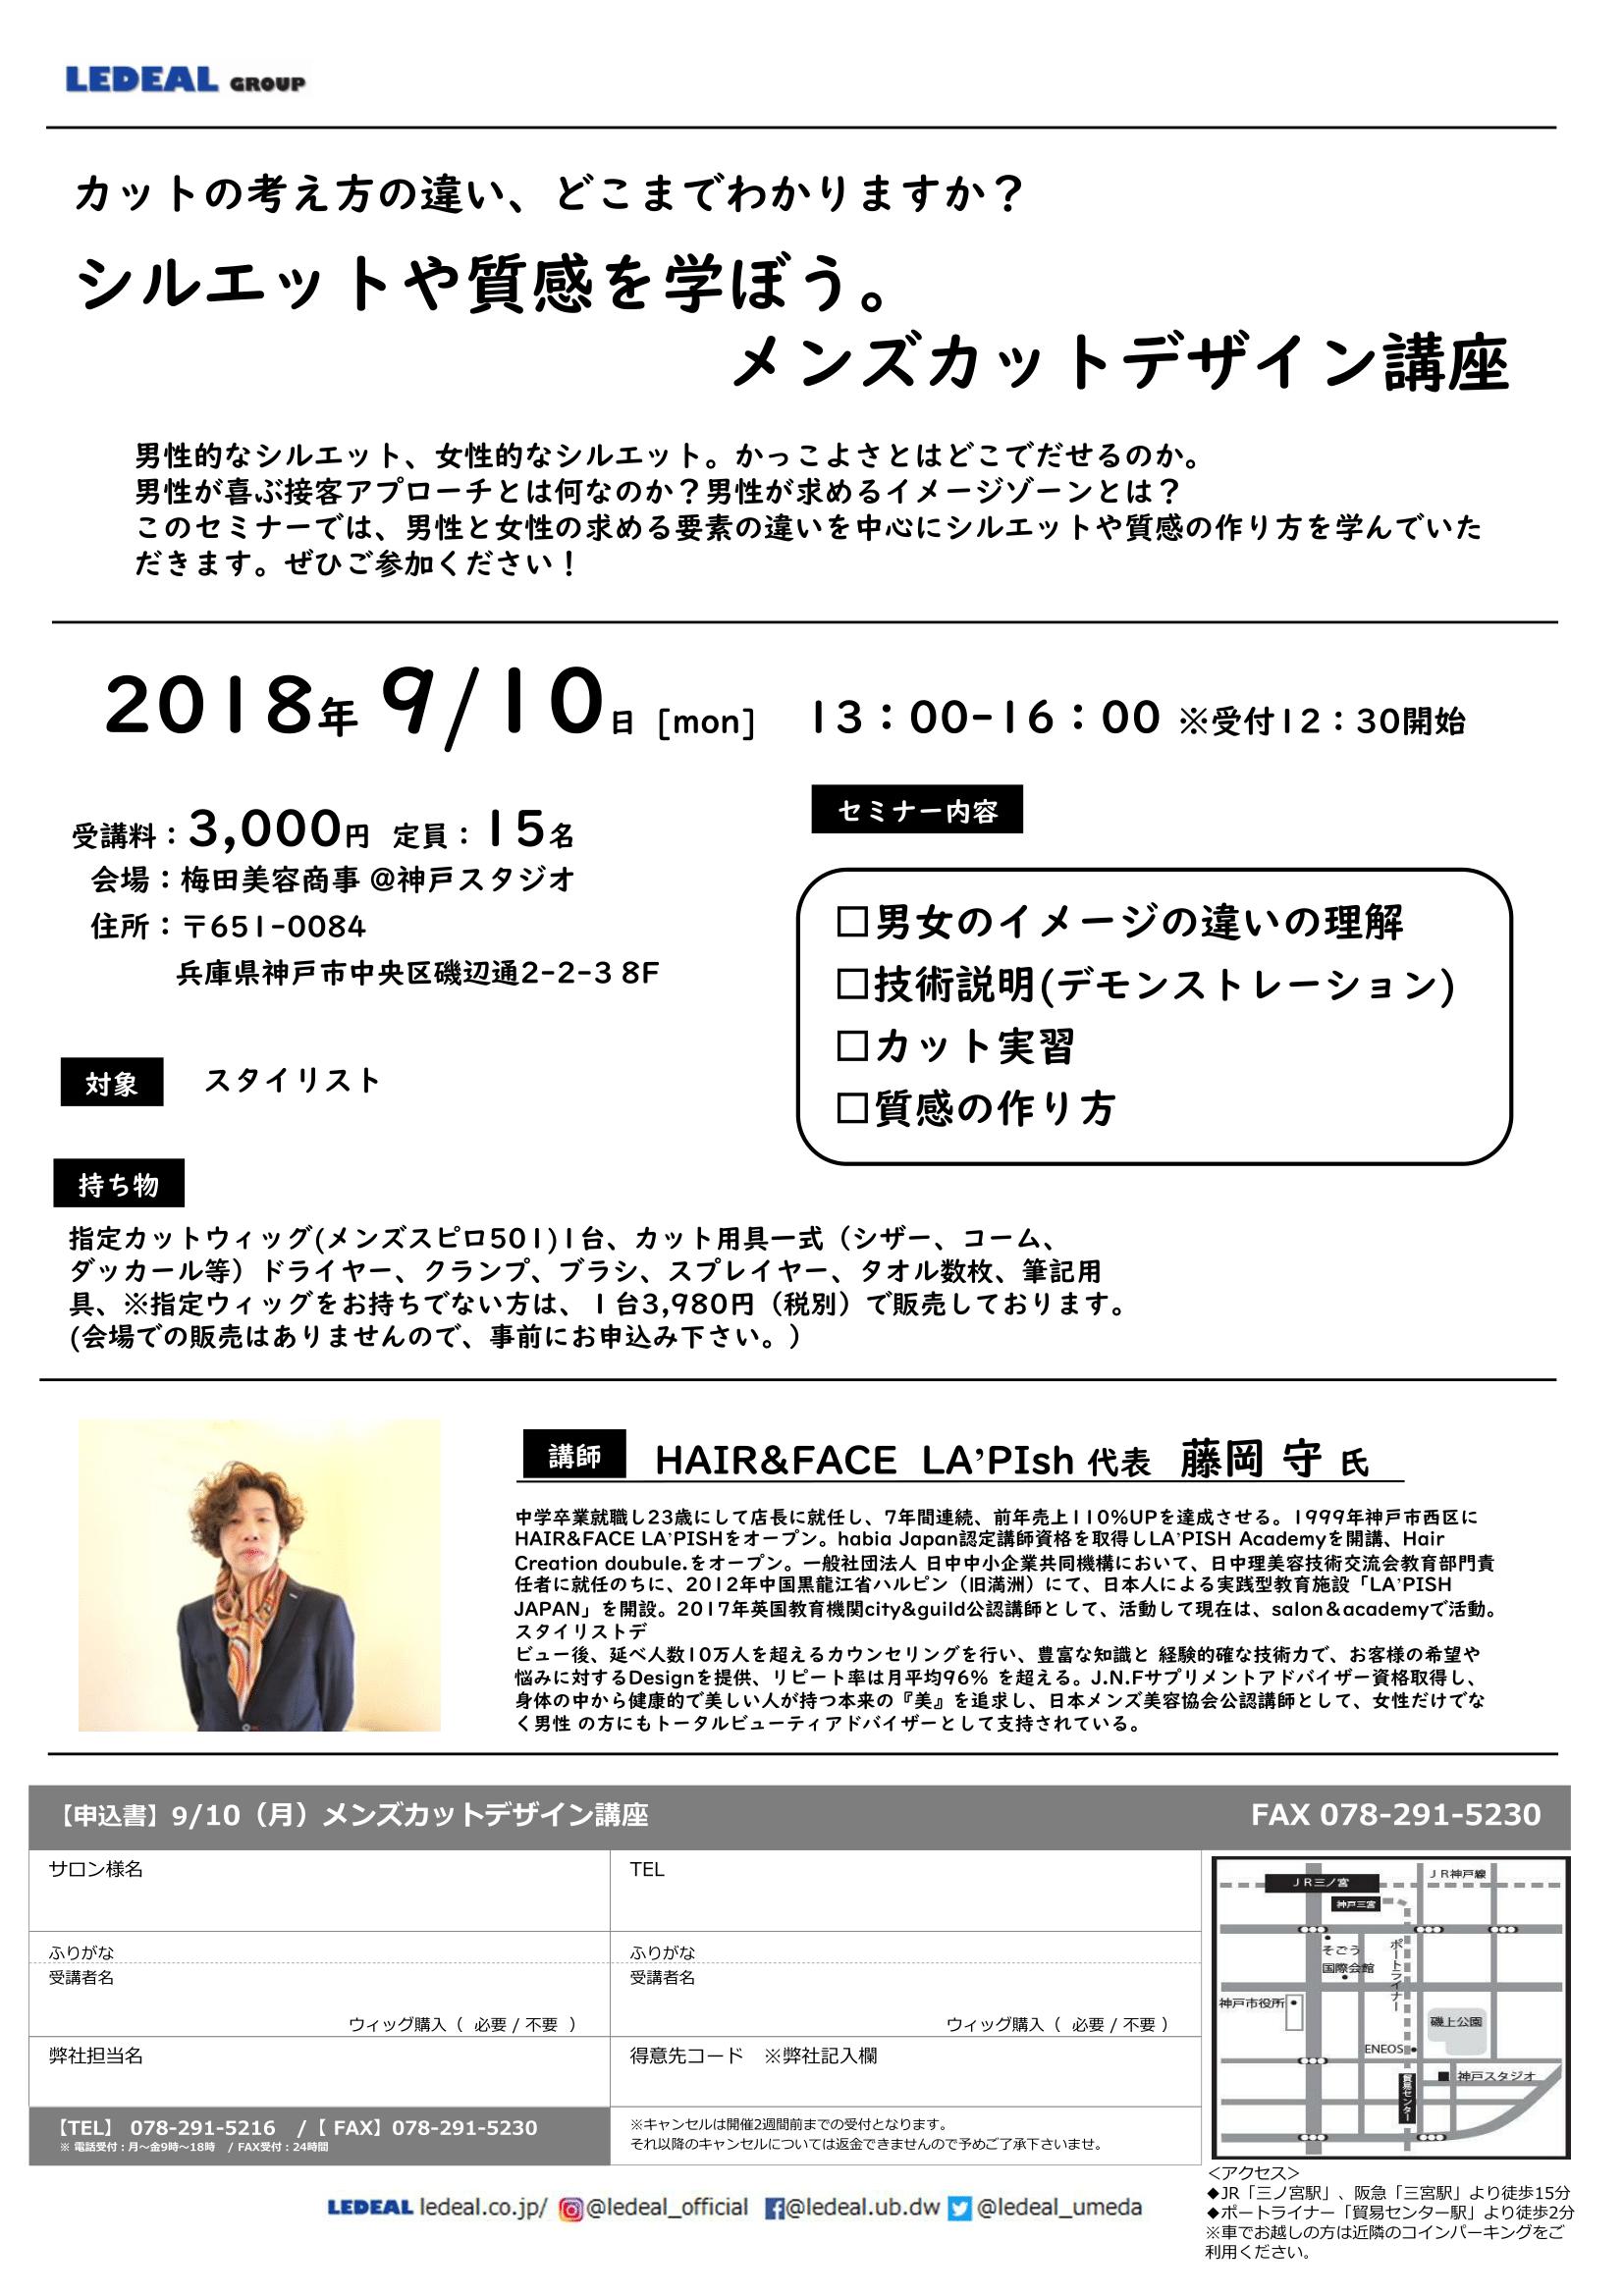 【神戸】メンズカットセミナー